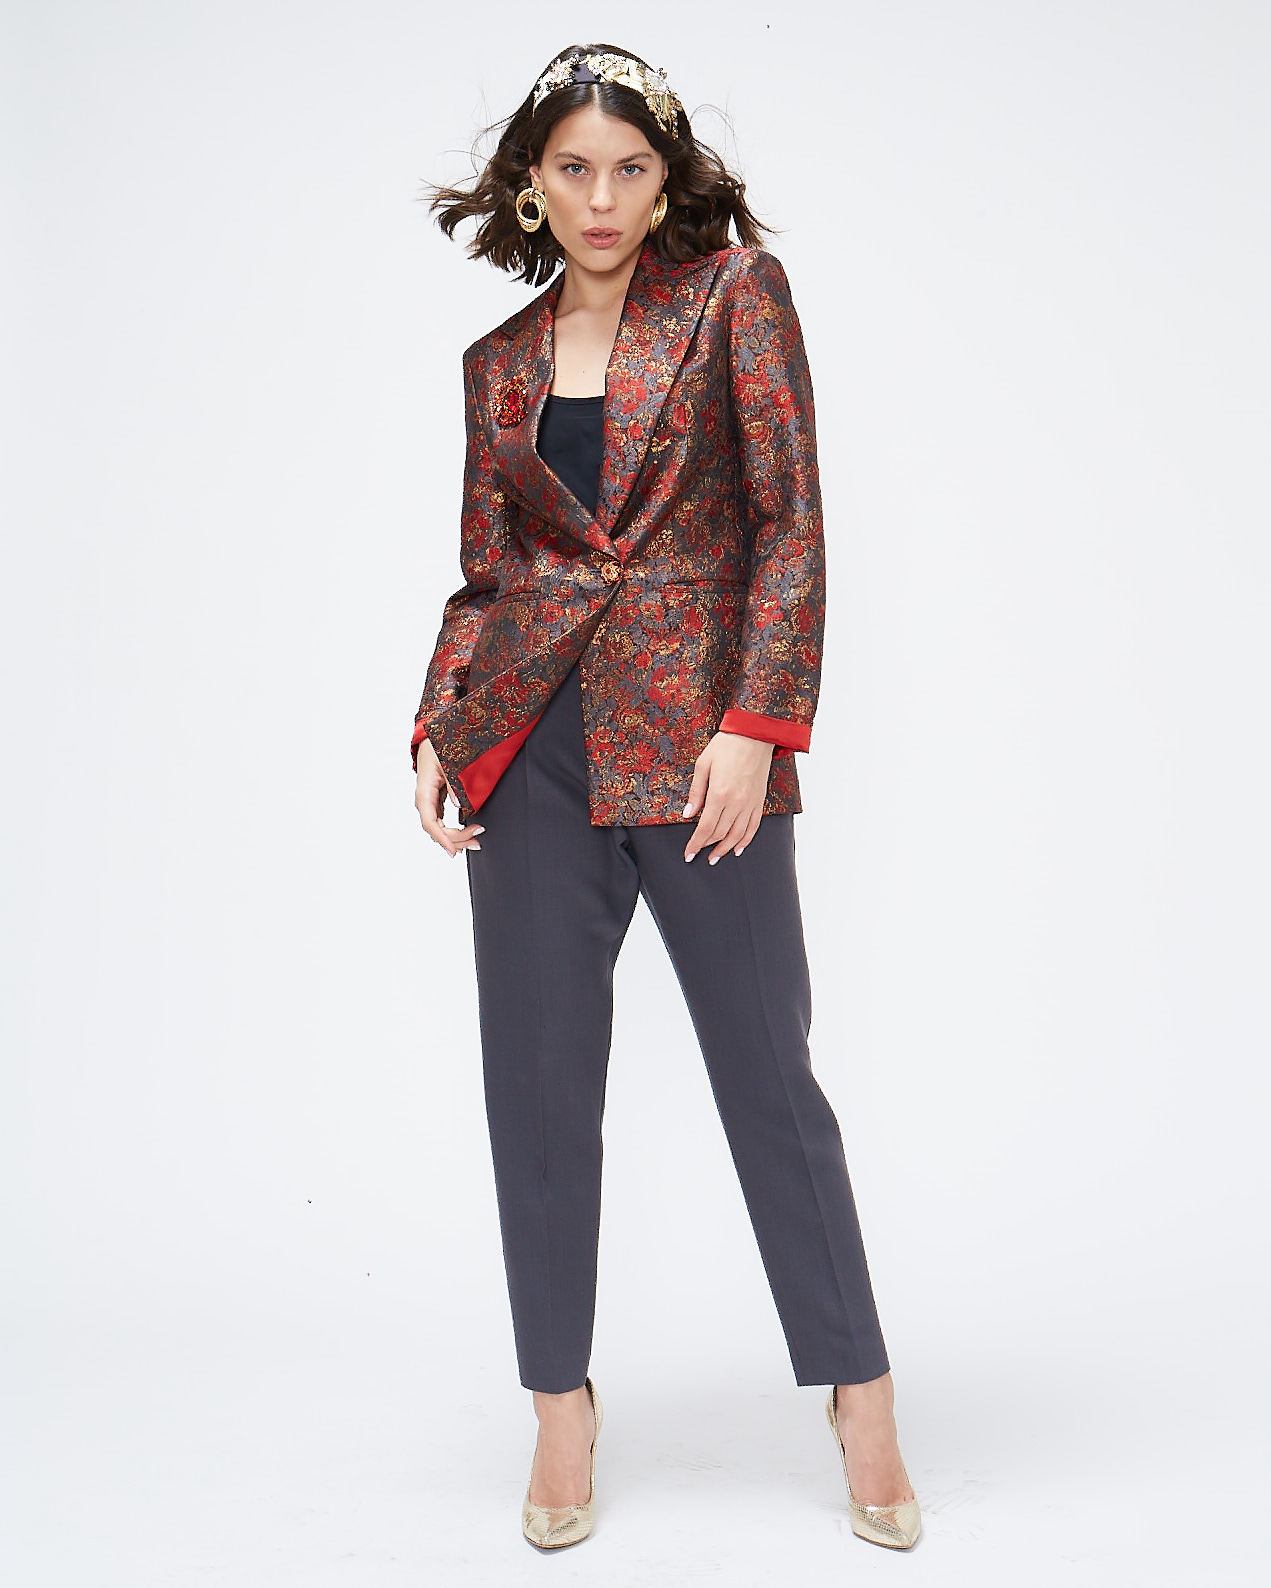 Модели в полный рост в одежде заработать онлайн кушва